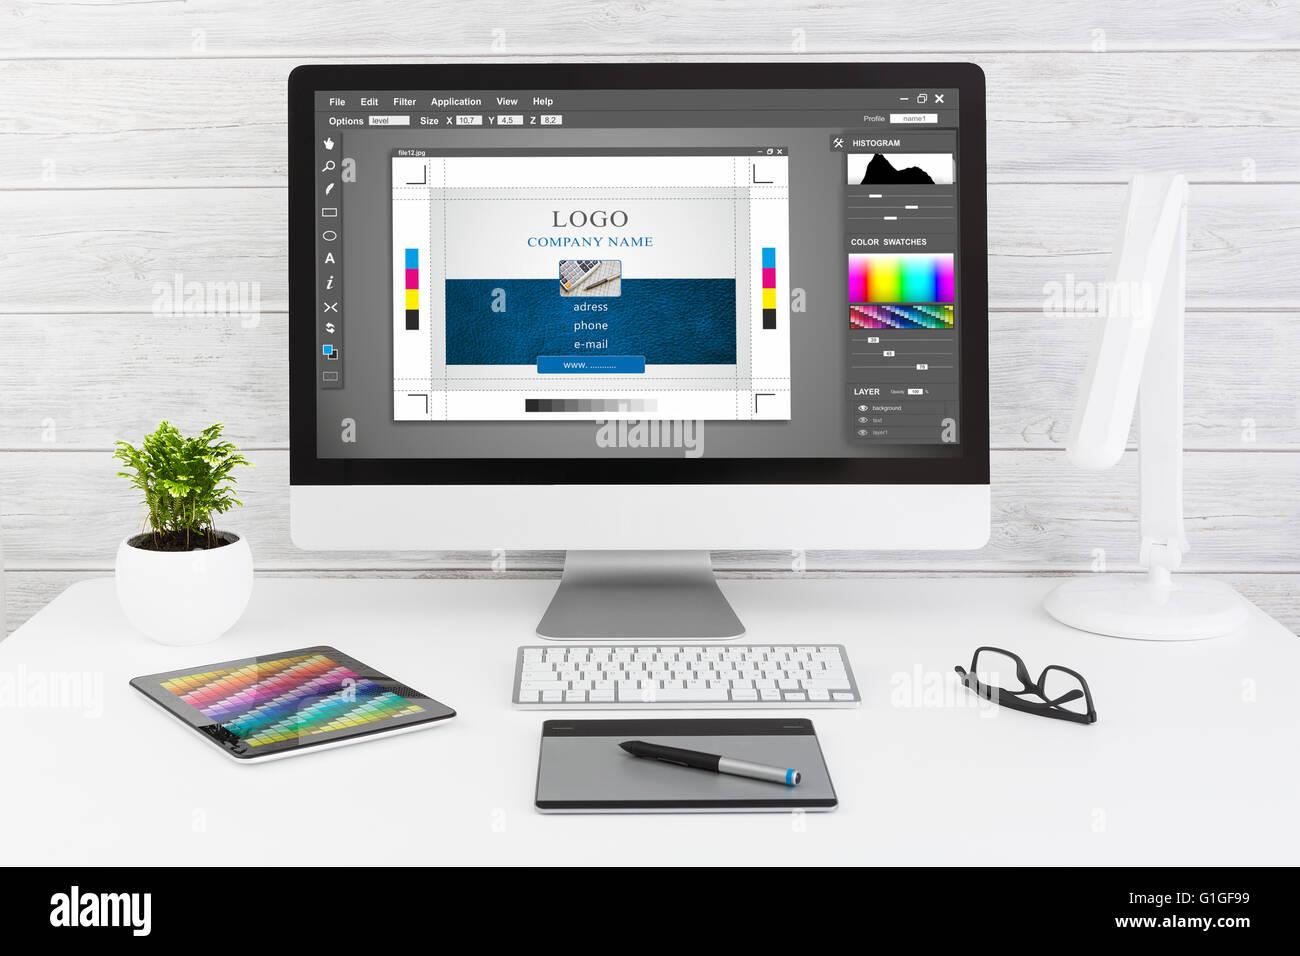 Graphic designer al lavoro. Campione di colore dei campioni. Immagini Stock